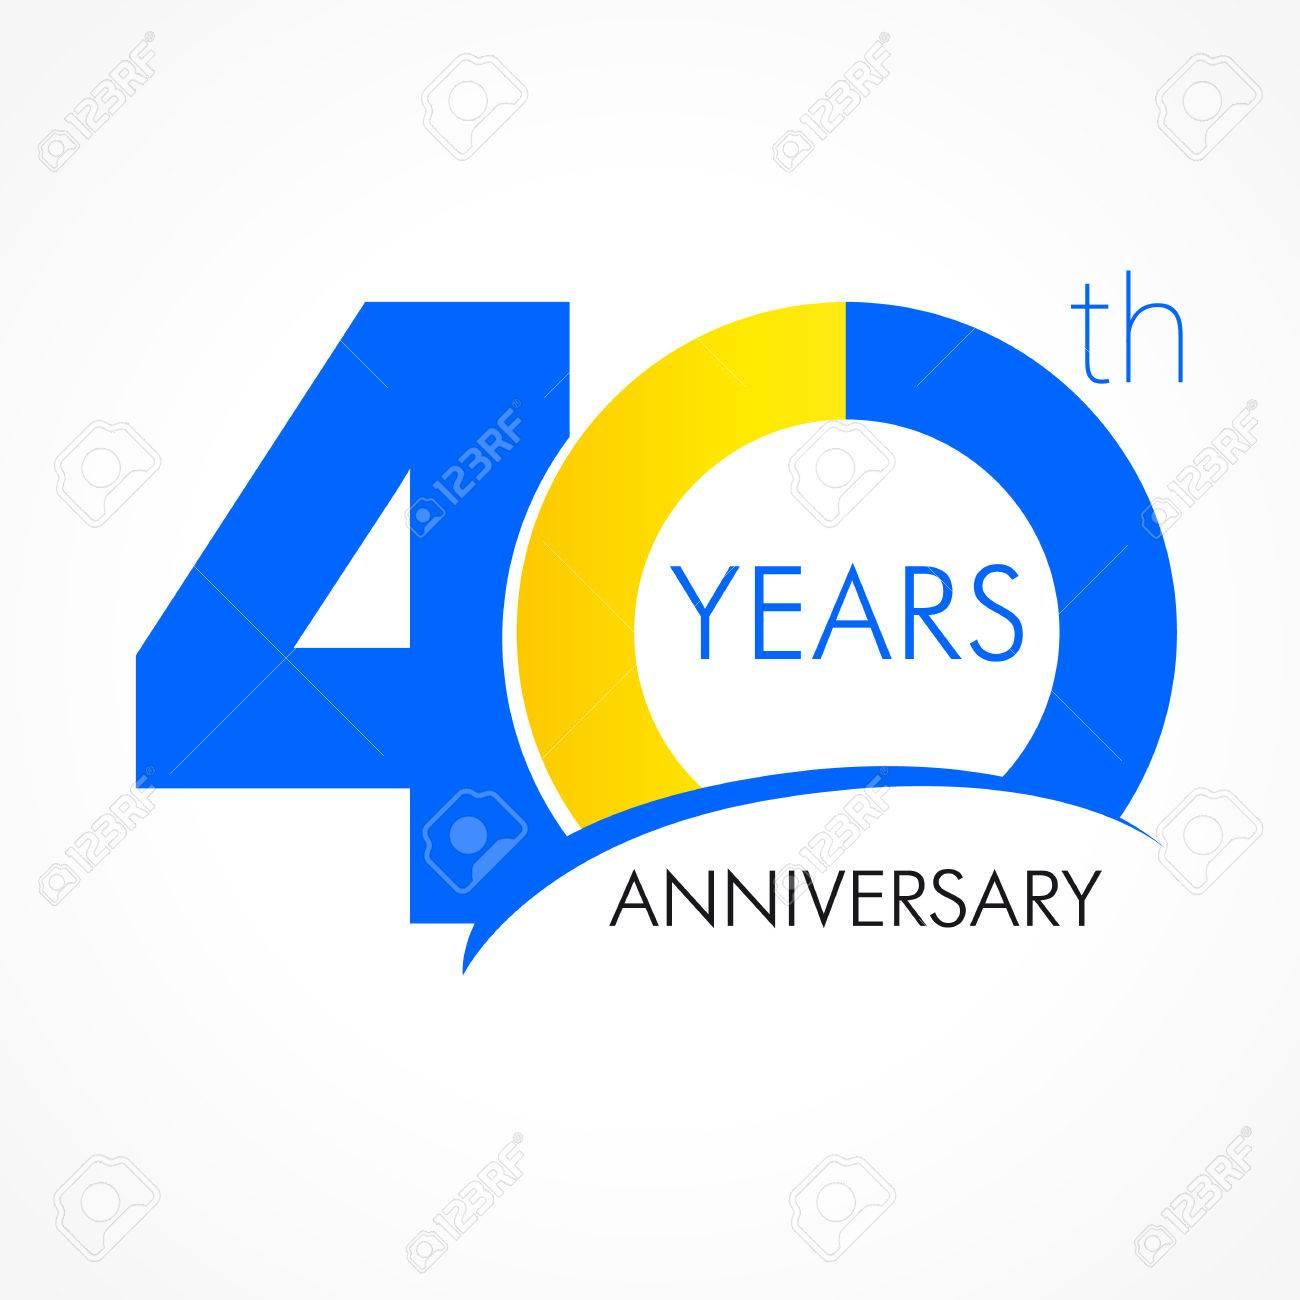 40 Anni Che Celebra Il Logo Classico Anniversario Anno Del Modello Vettoriale 40 Auguri Di Compleanno Celebra Cifre Tradizionali Di Età